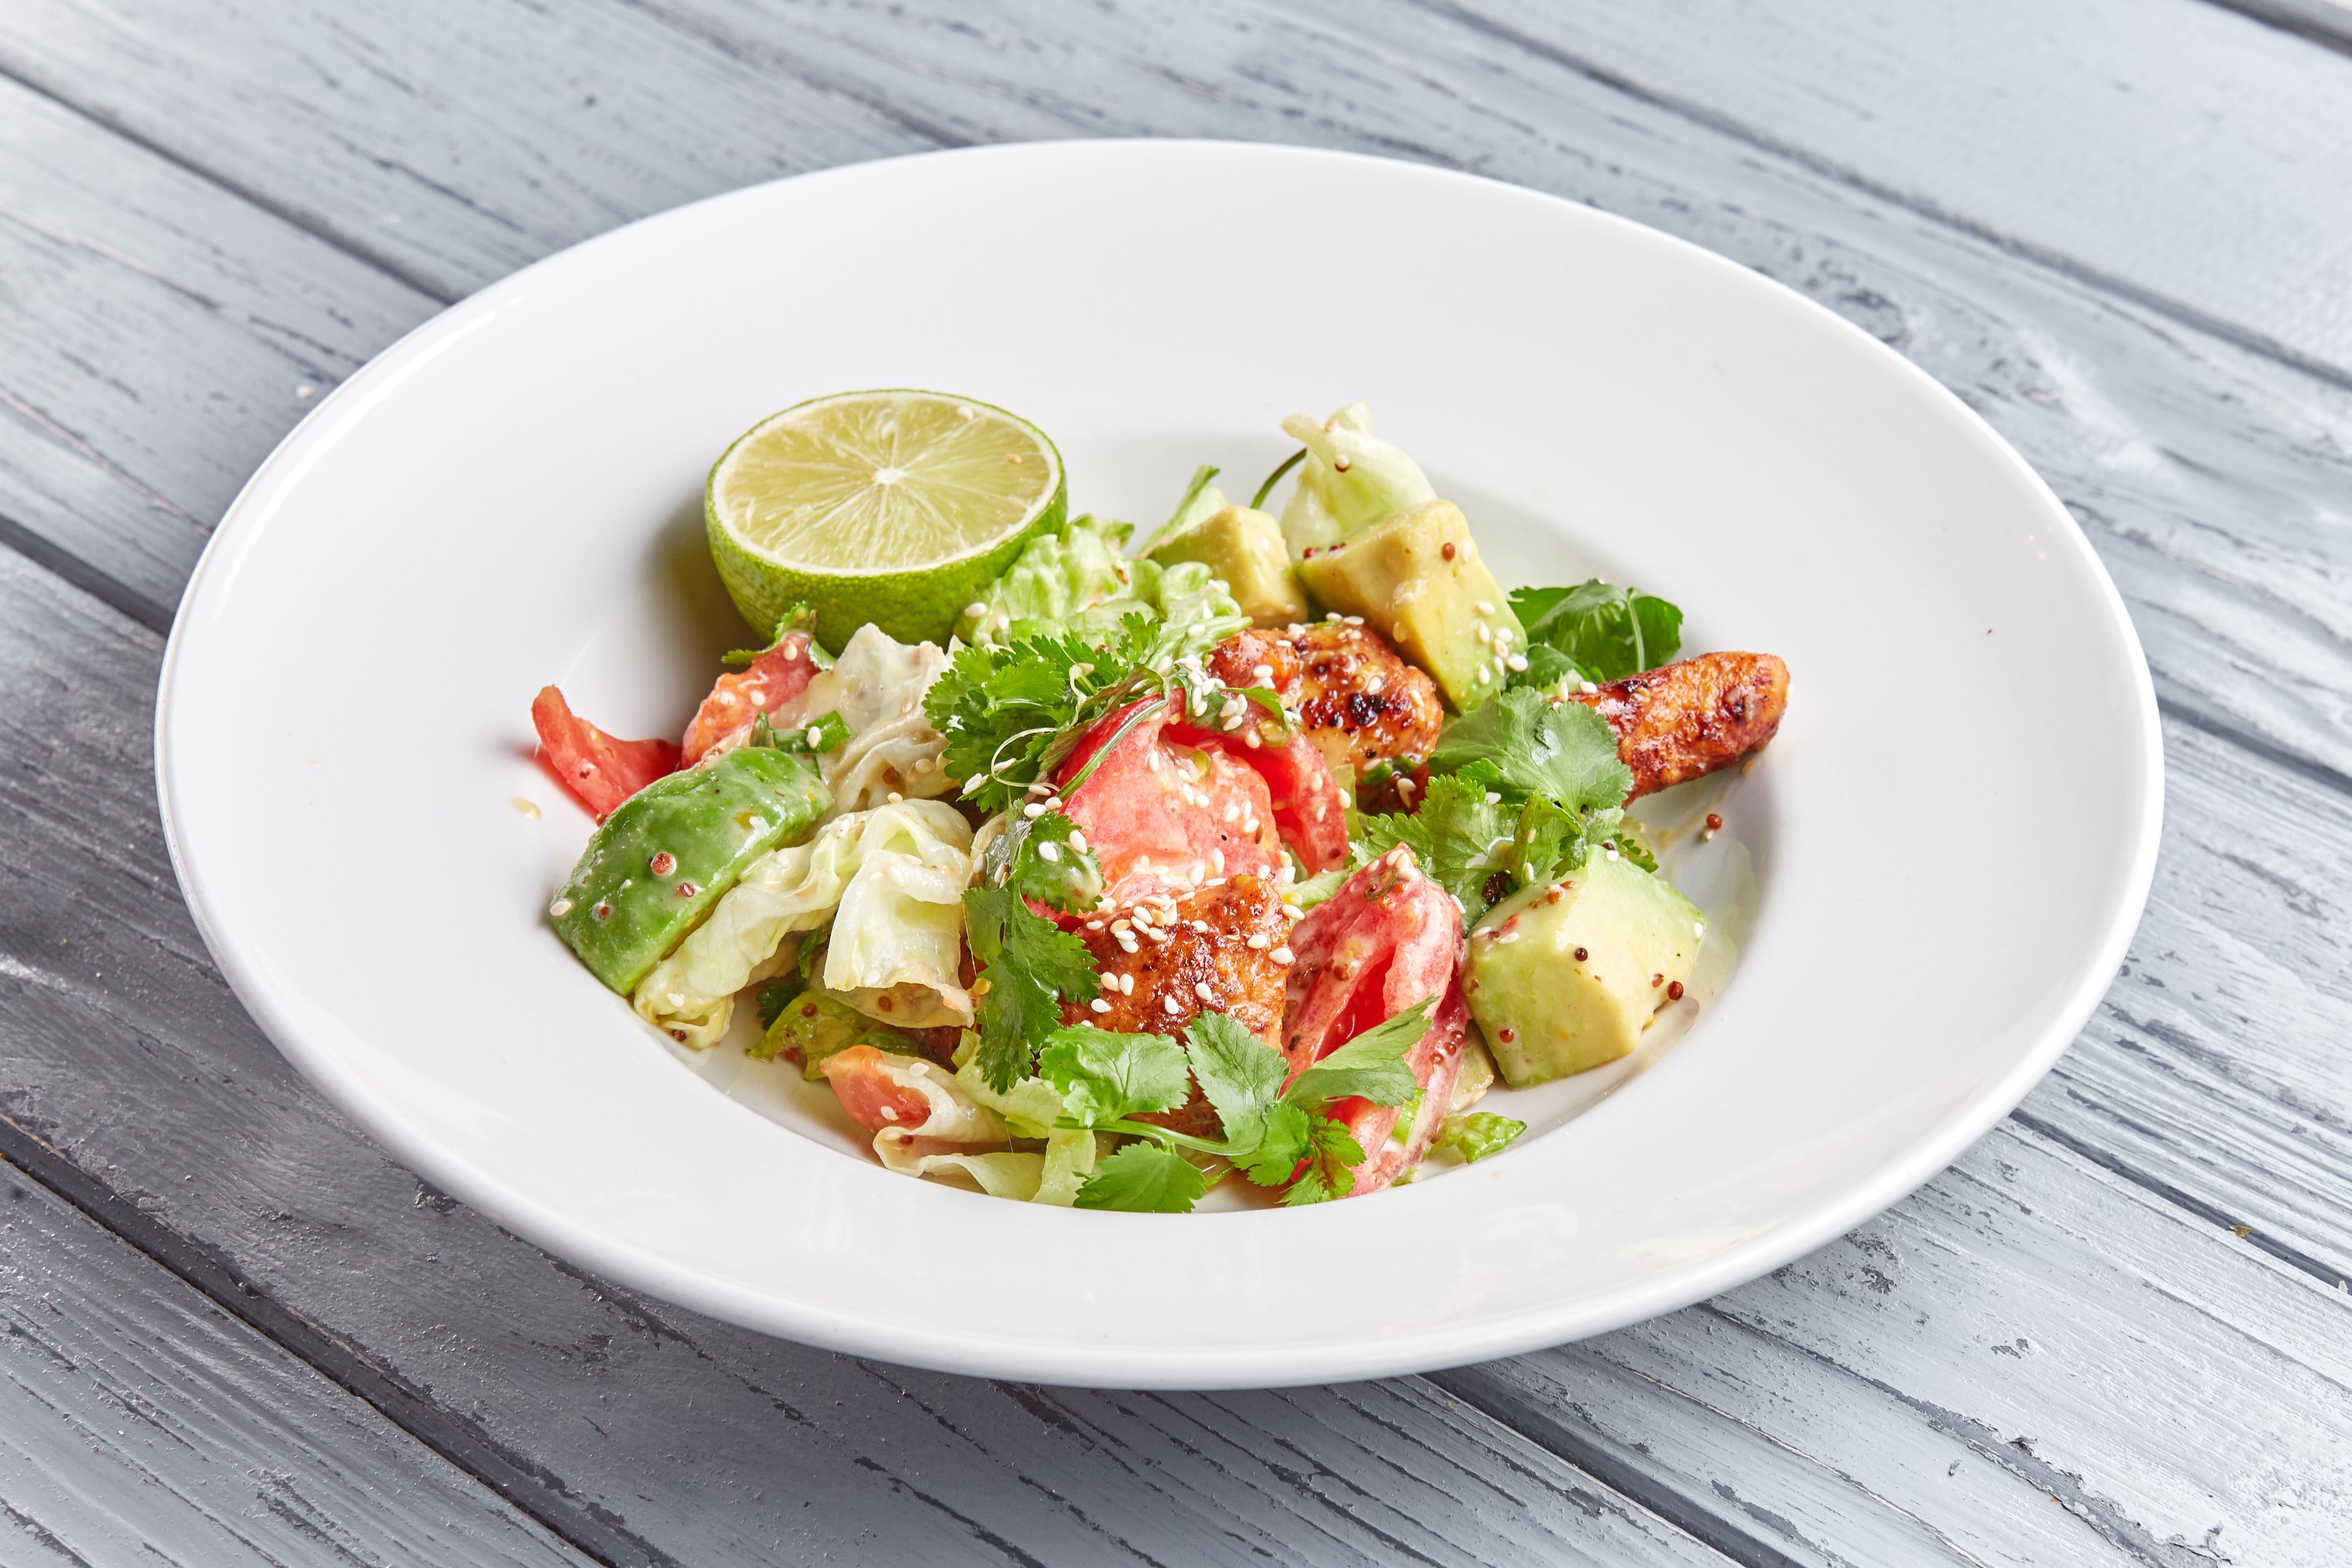 Салат с индейкой, авокадо и освежающим лаймовым соусом